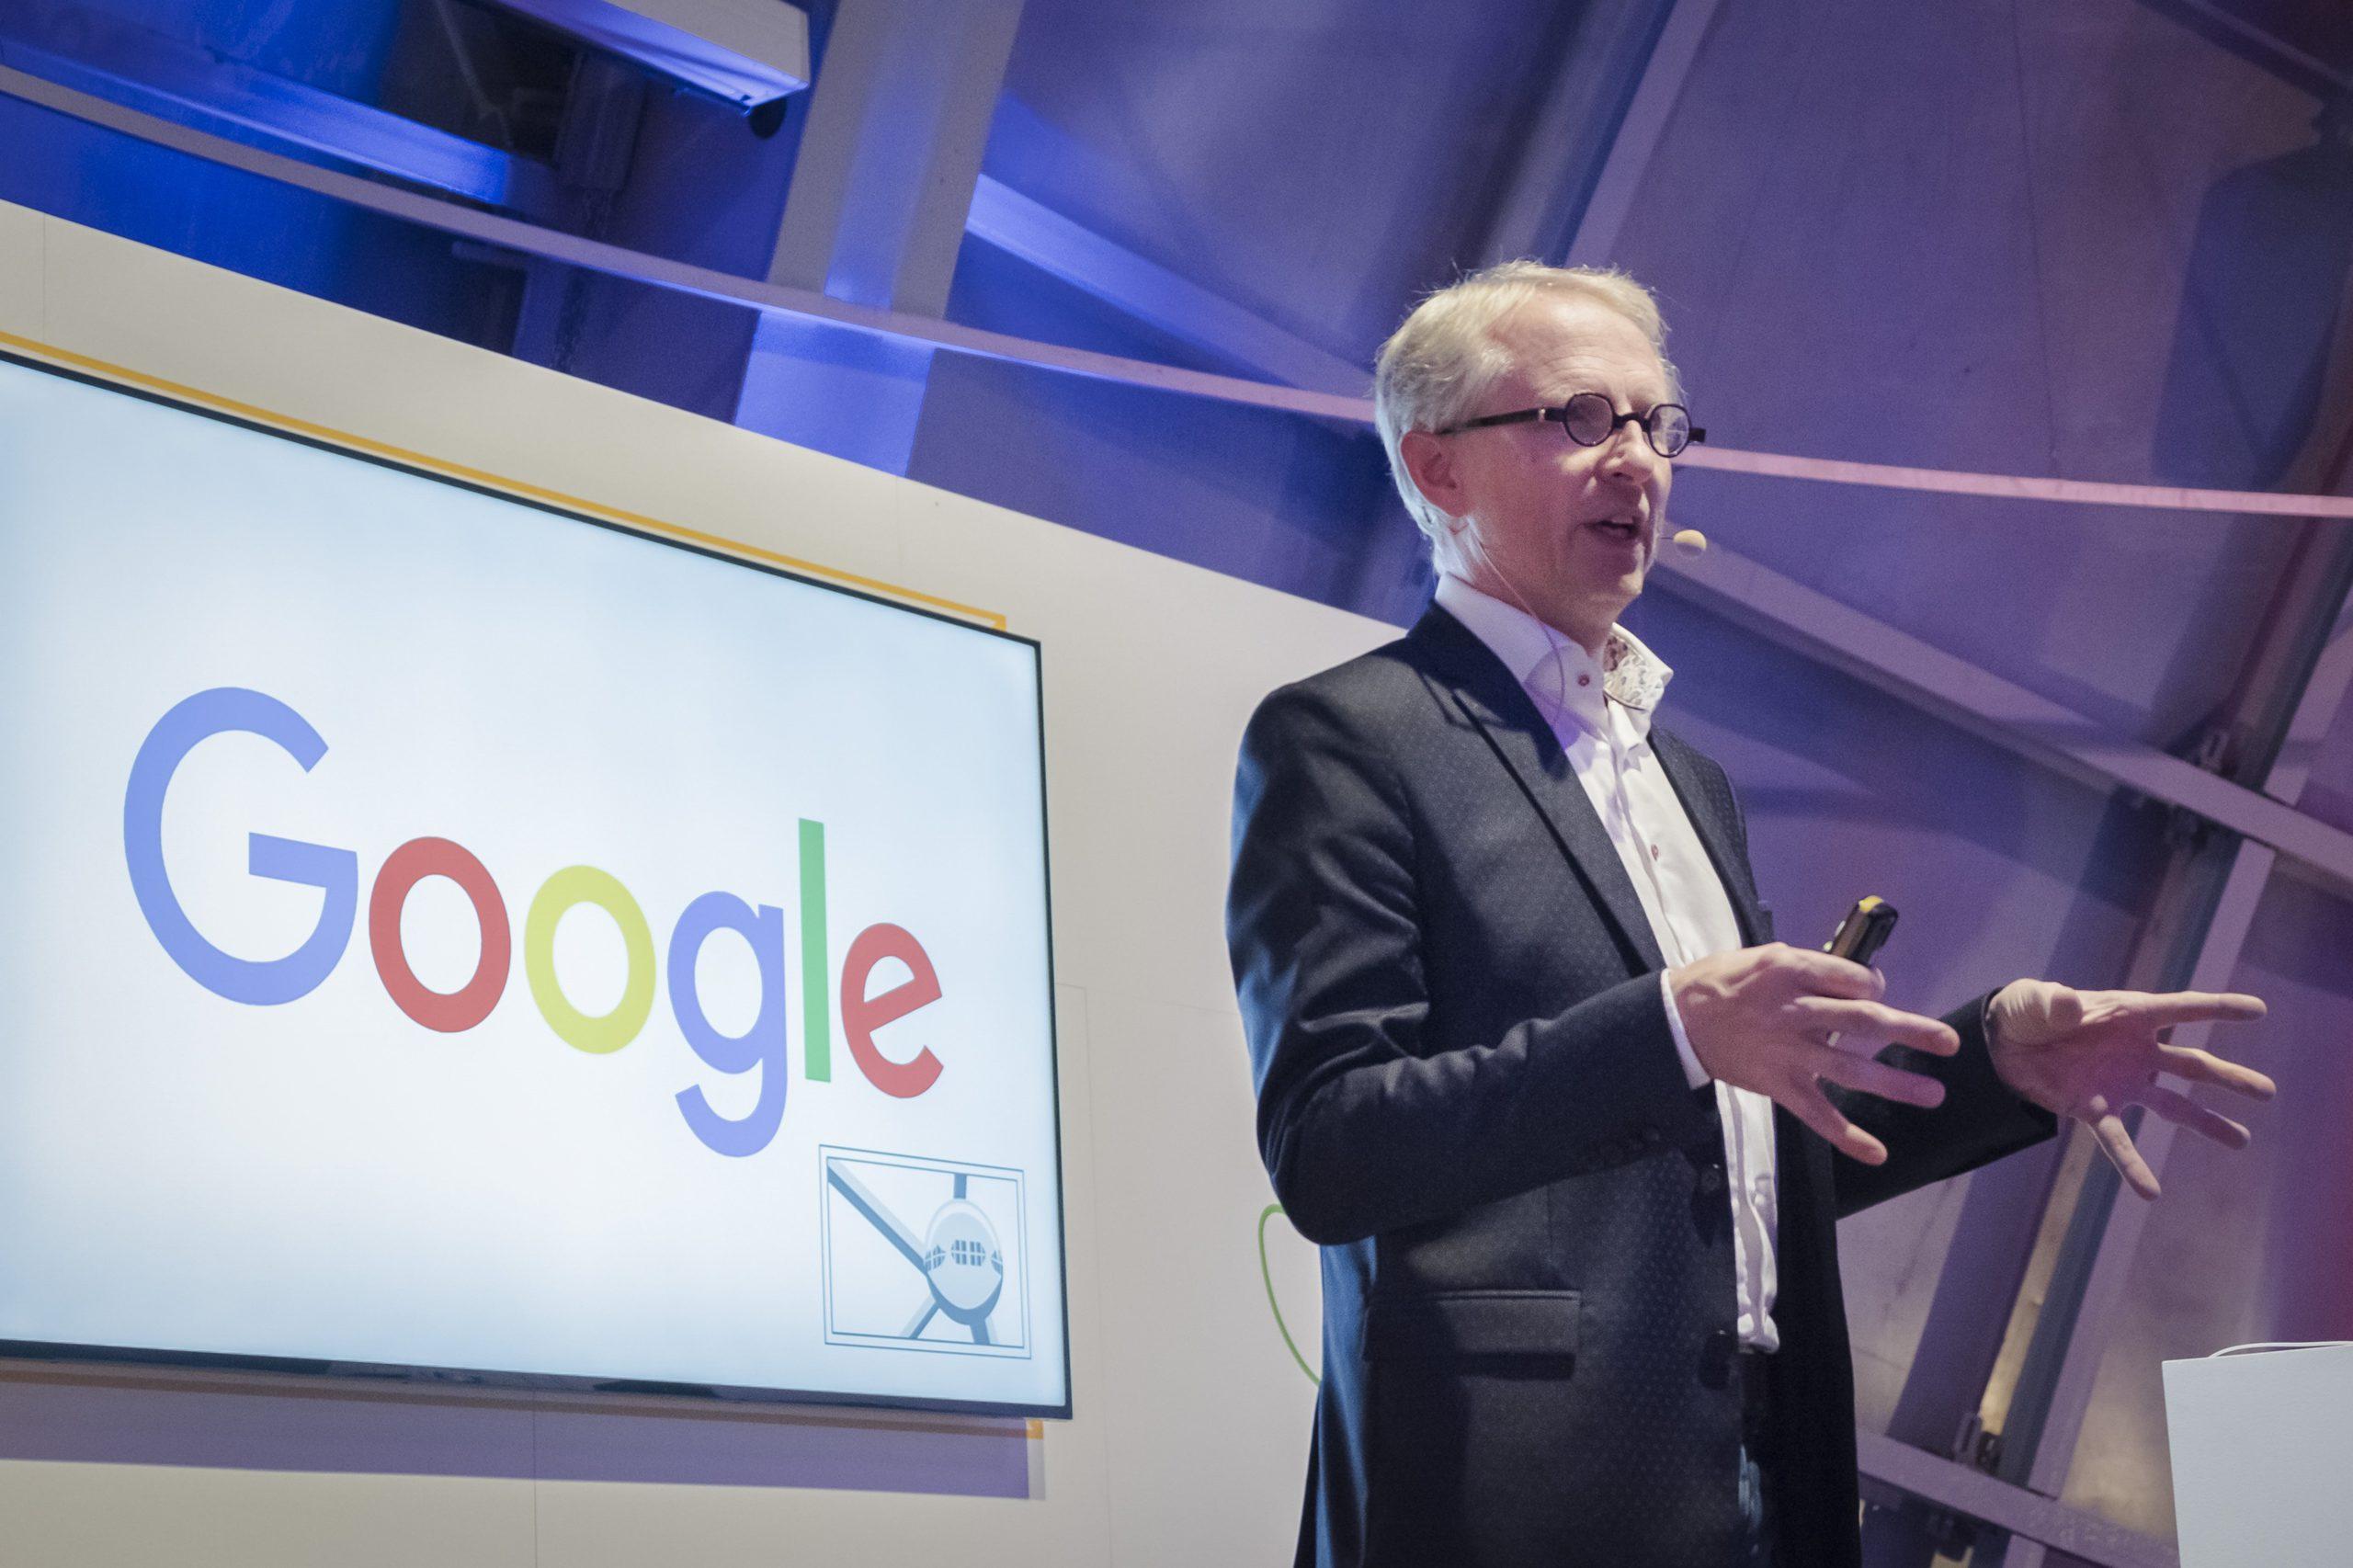 Opinie: Nieuw decennium, nieuwe dilemma's voor technologie